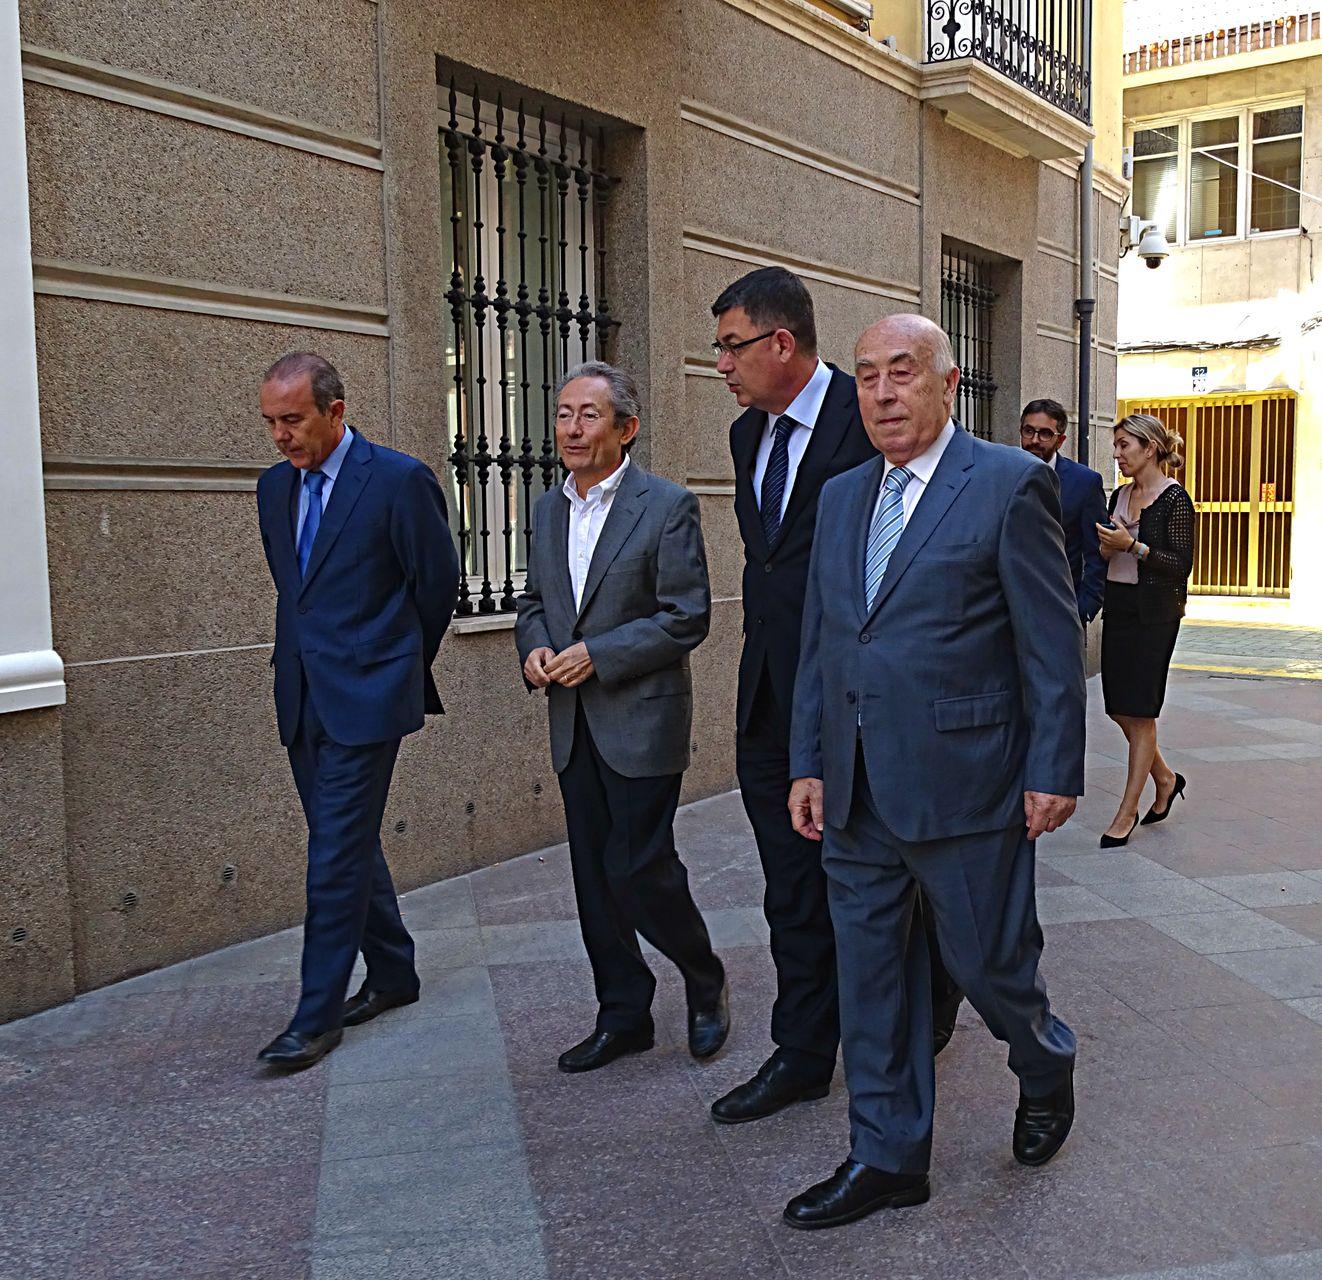 El presidente de Les Corts Valencianes visita la institución del Síndic de Greuges